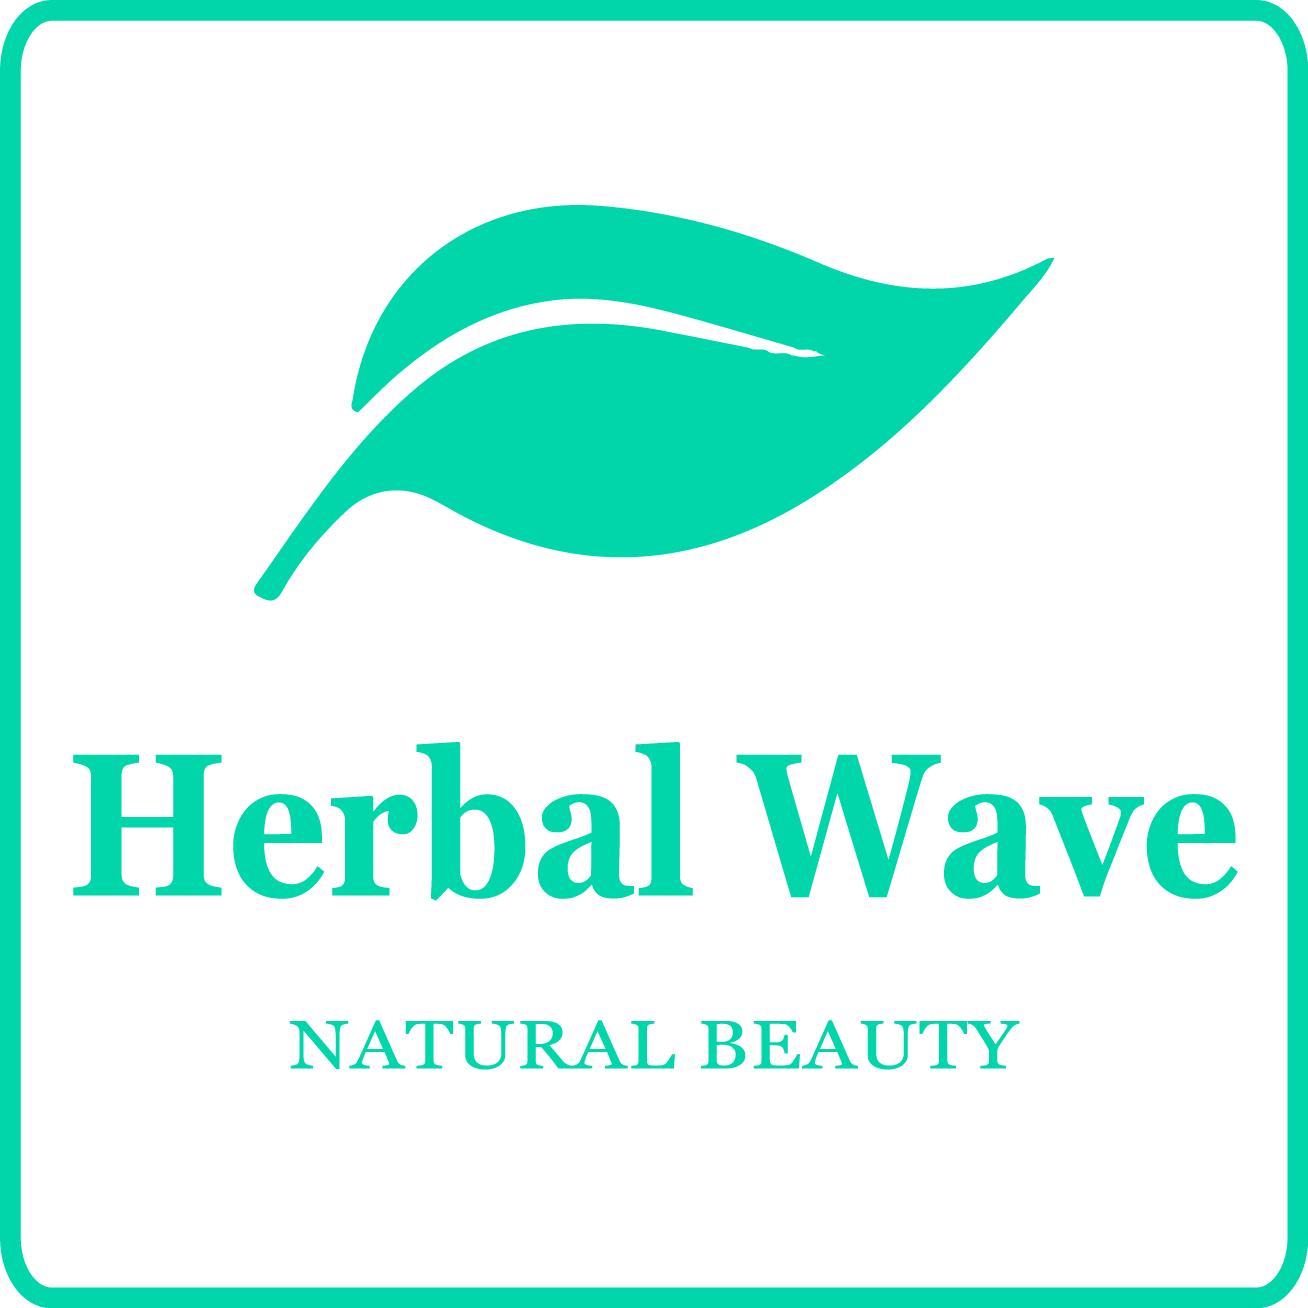 Λογότυπο Αντωνία-Herbalwave.gr